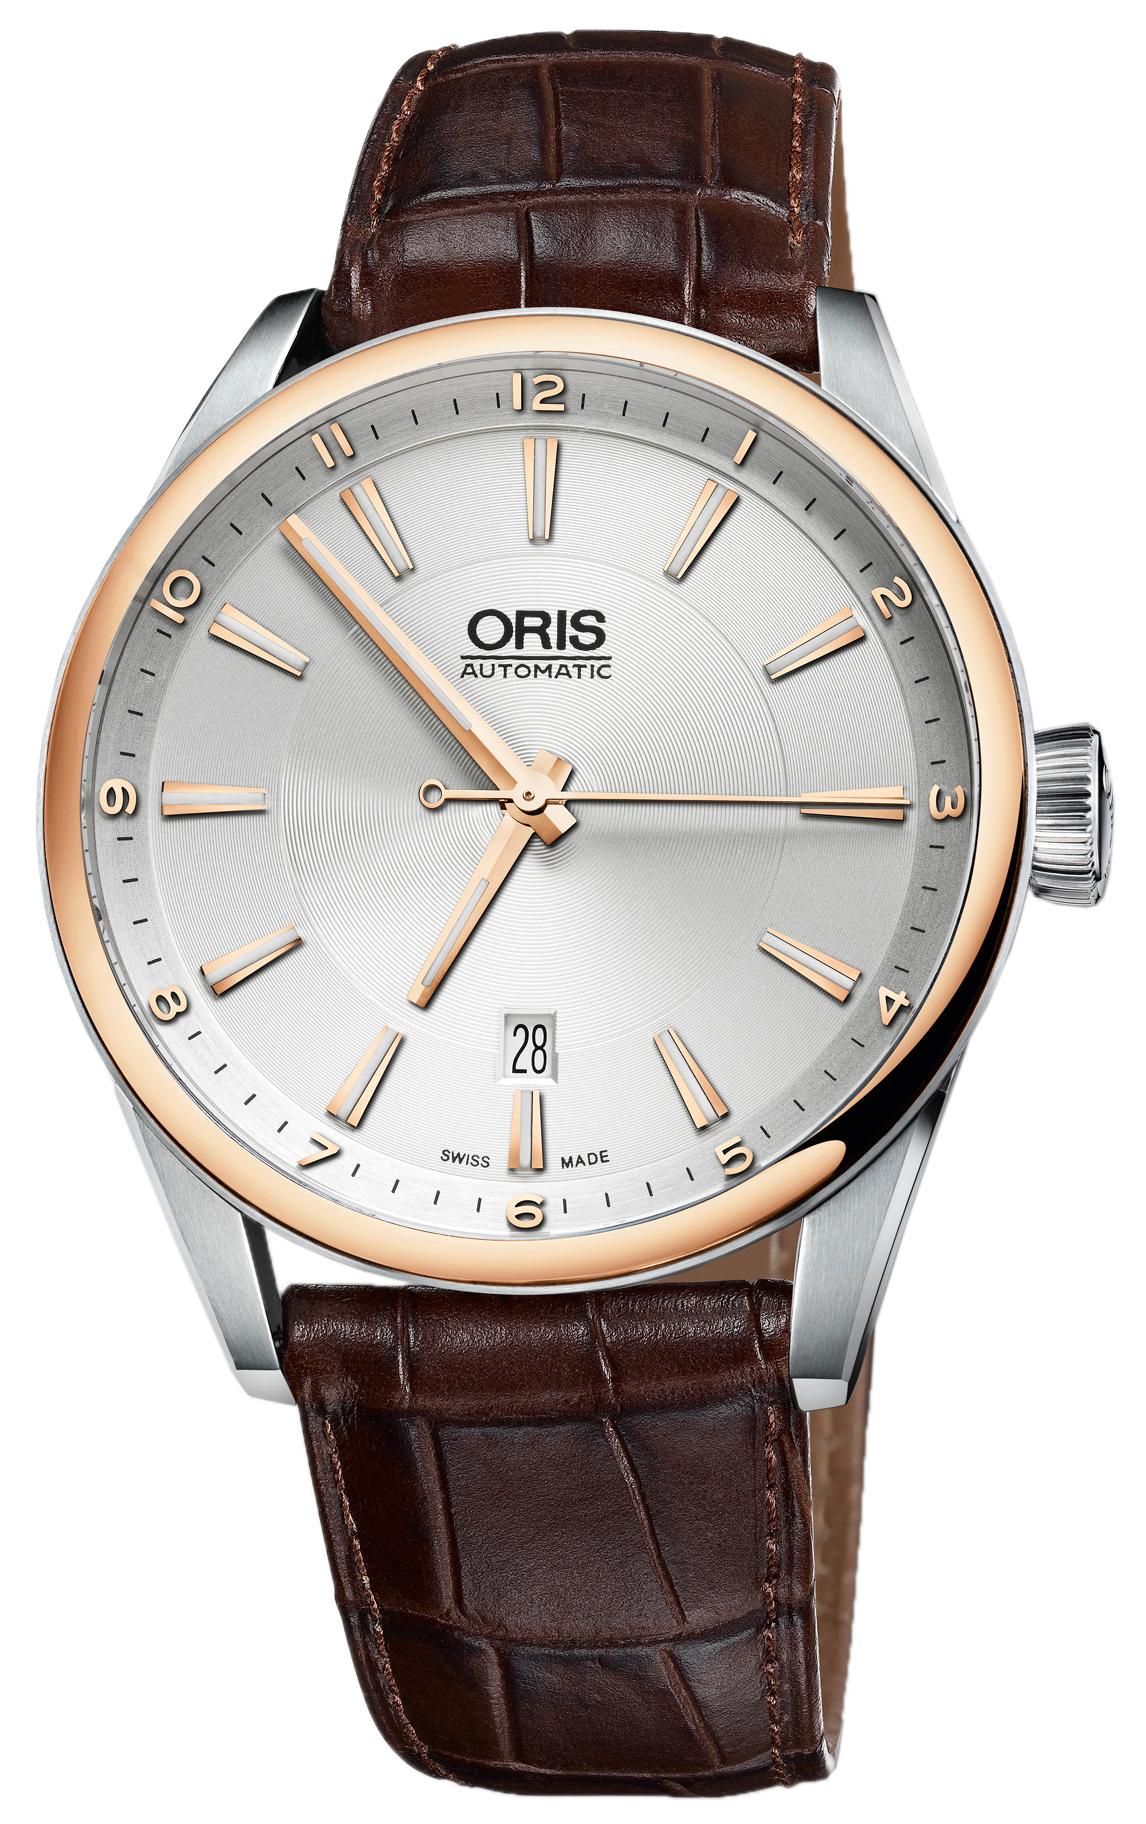 Oris Culture Herrklocka 01 733 7642 6331-07 5 21 80FC Silverfärgad/Läder - Oris